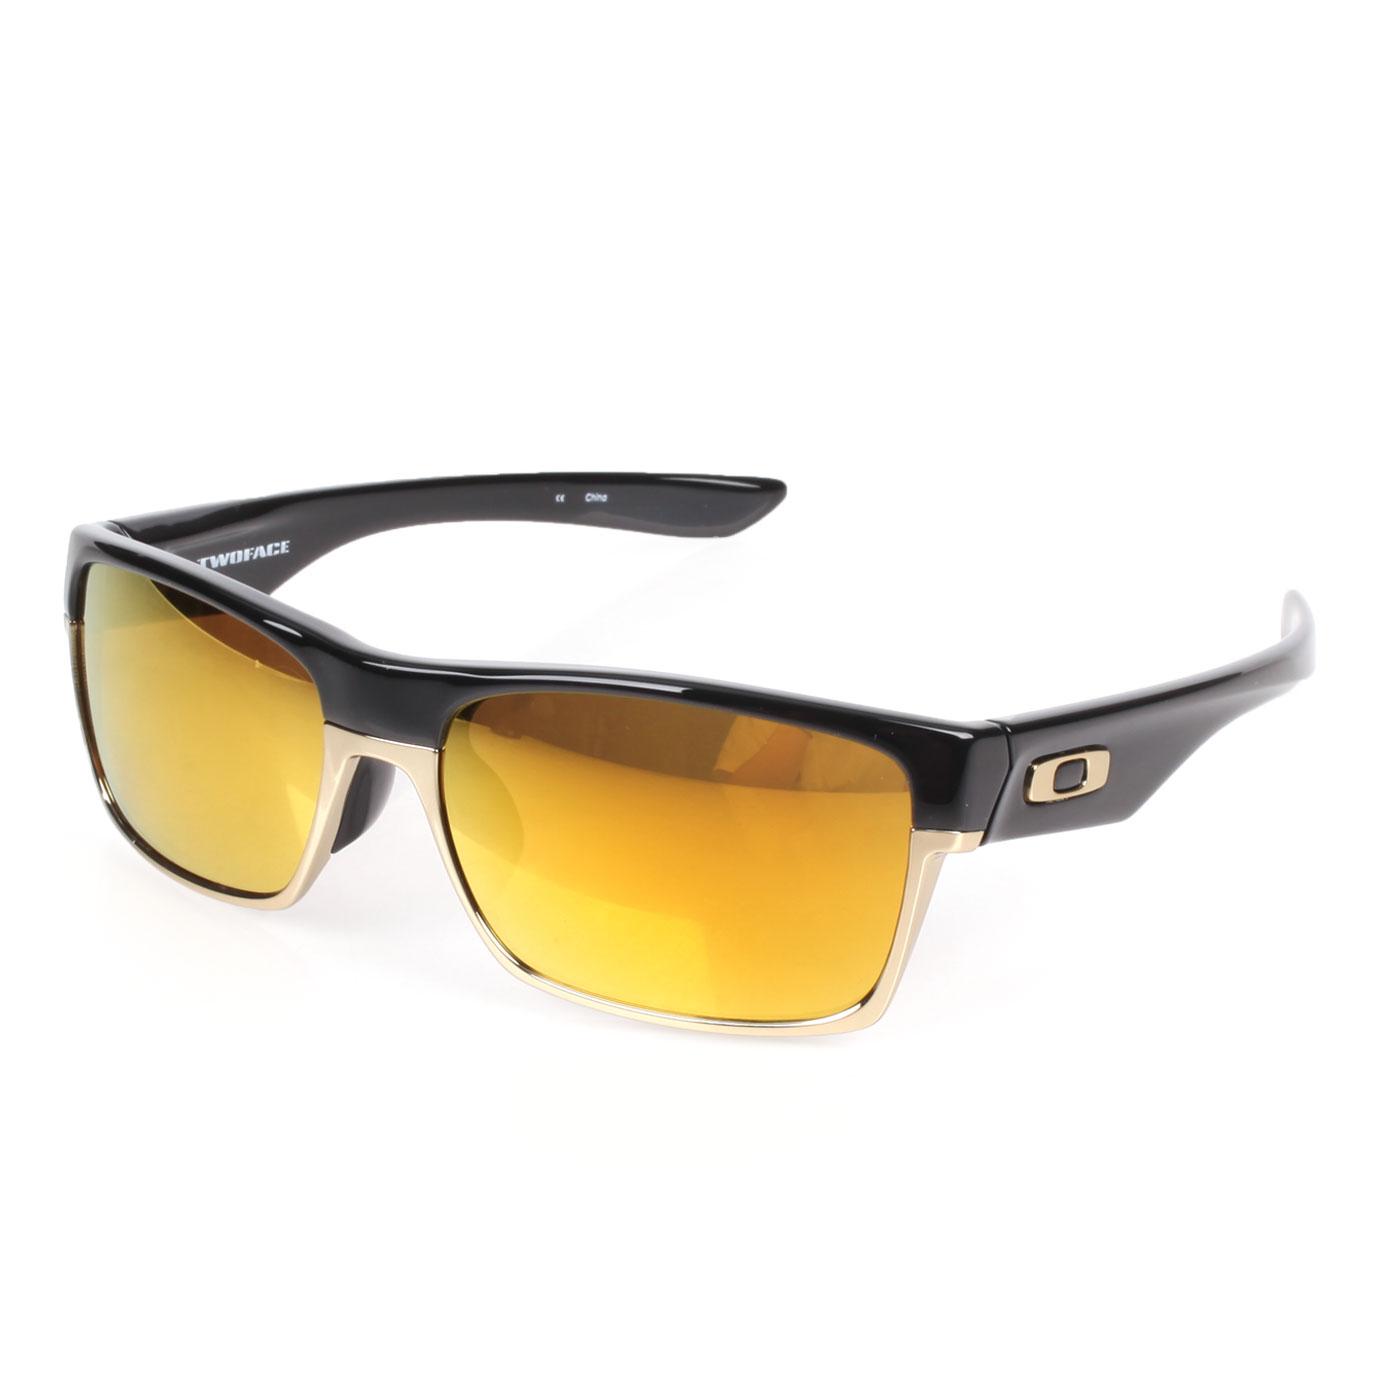 OAKLEY Two Face一般太陽眼鏡(附鏡袋無鼻墊) OAK-OO9256-10